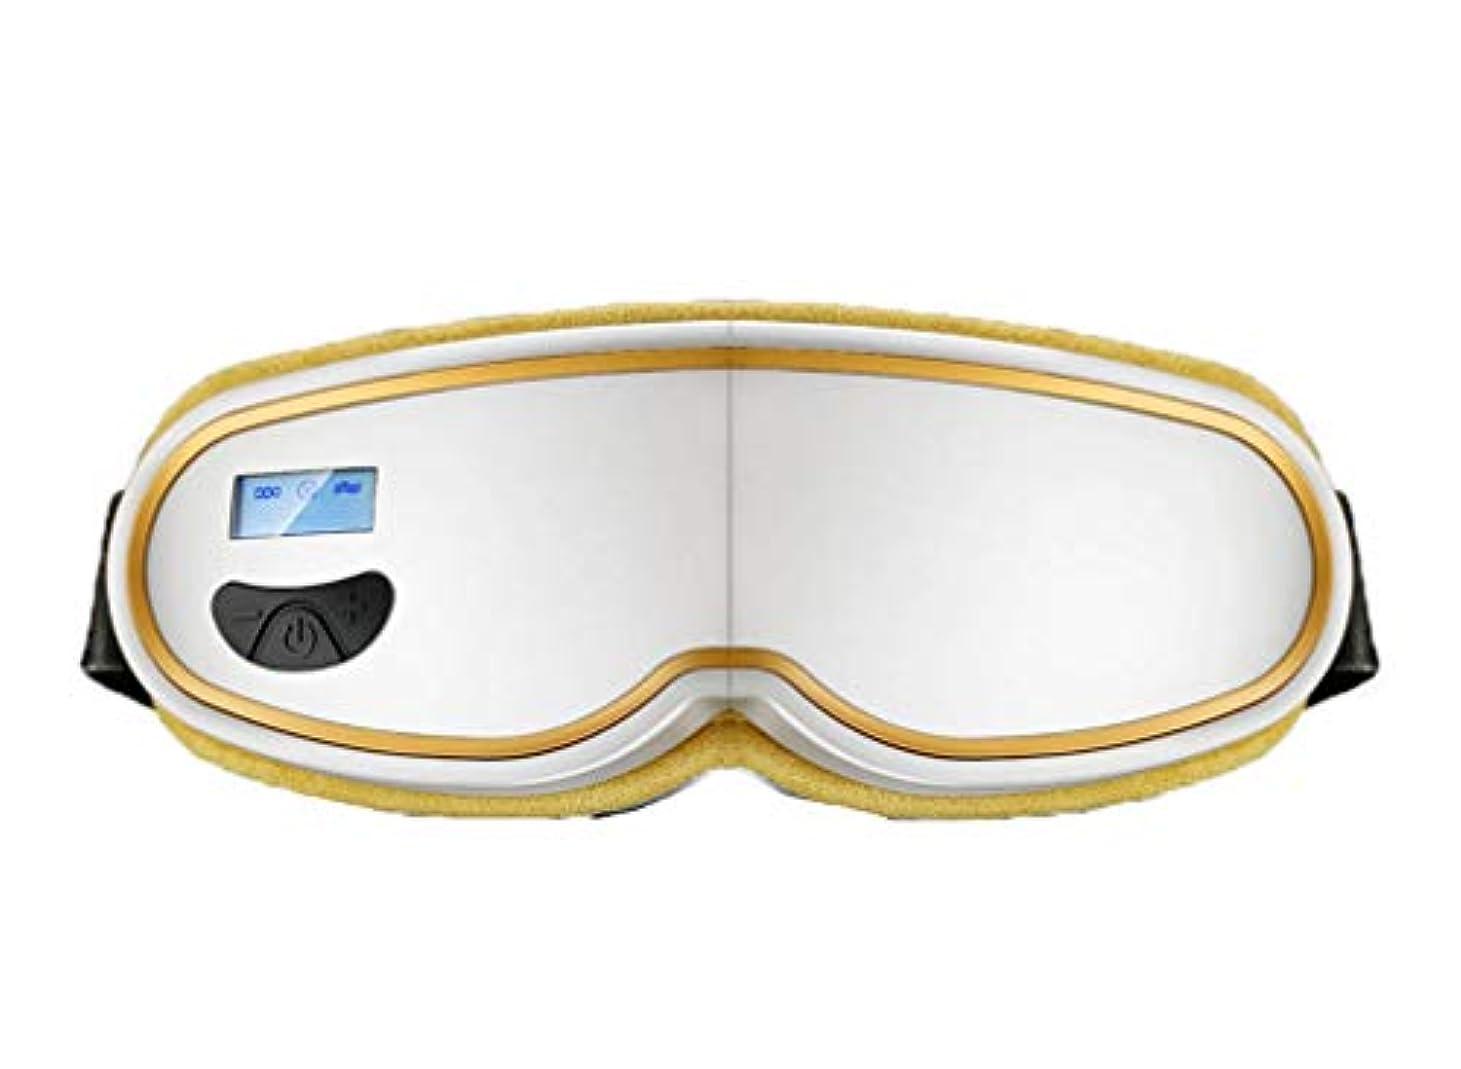 実行する不毛いたずらな折り畳み式電動アイマッサージャー音楽頭痛ストレスリリーフ目空気圧、熱圧縮でリラックスします